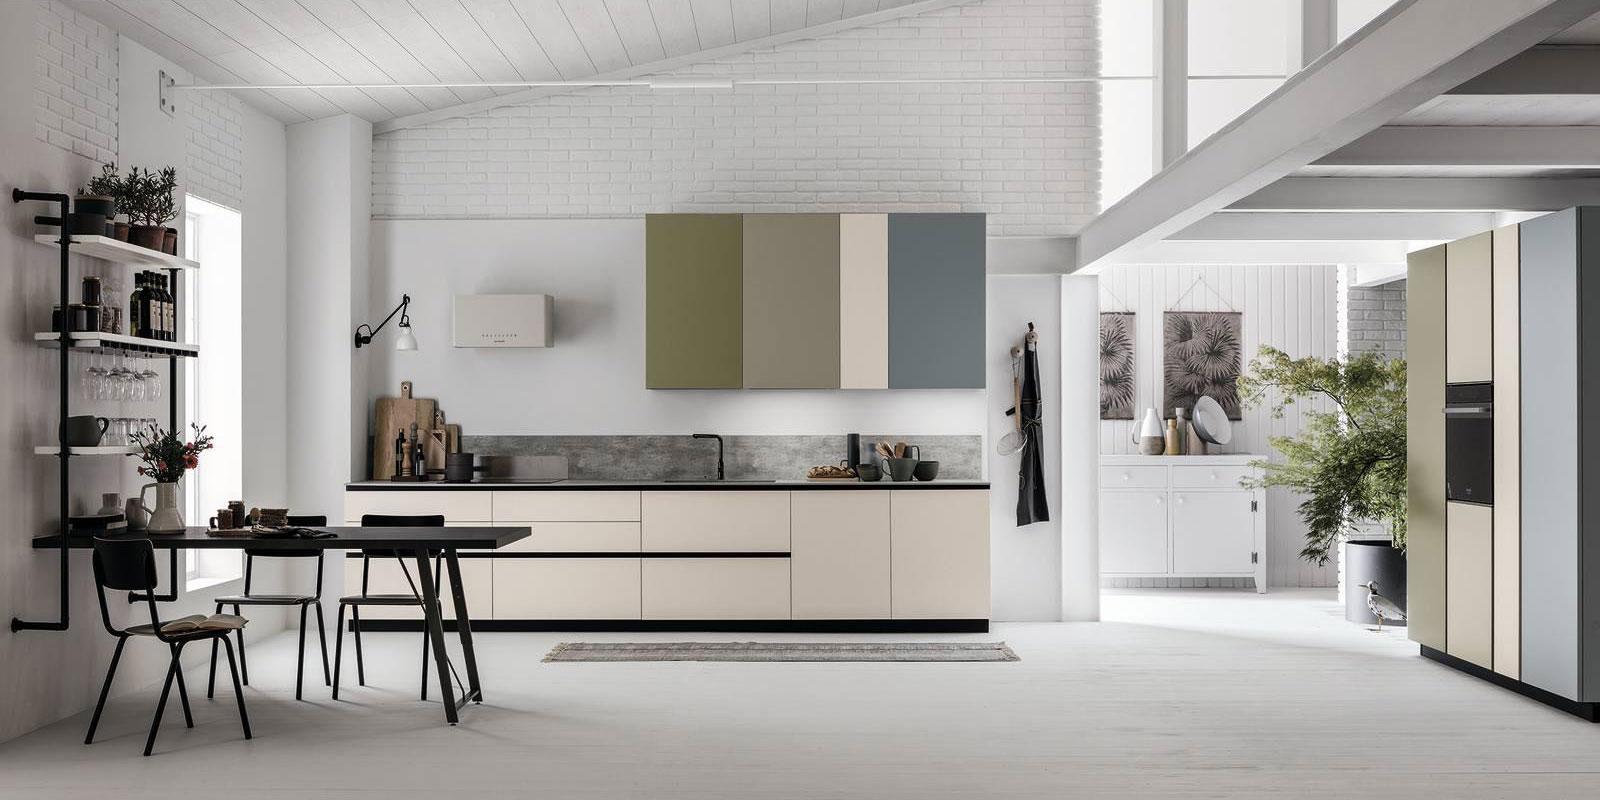 stosa-Color-Trend-cucina-con-pensili-ok